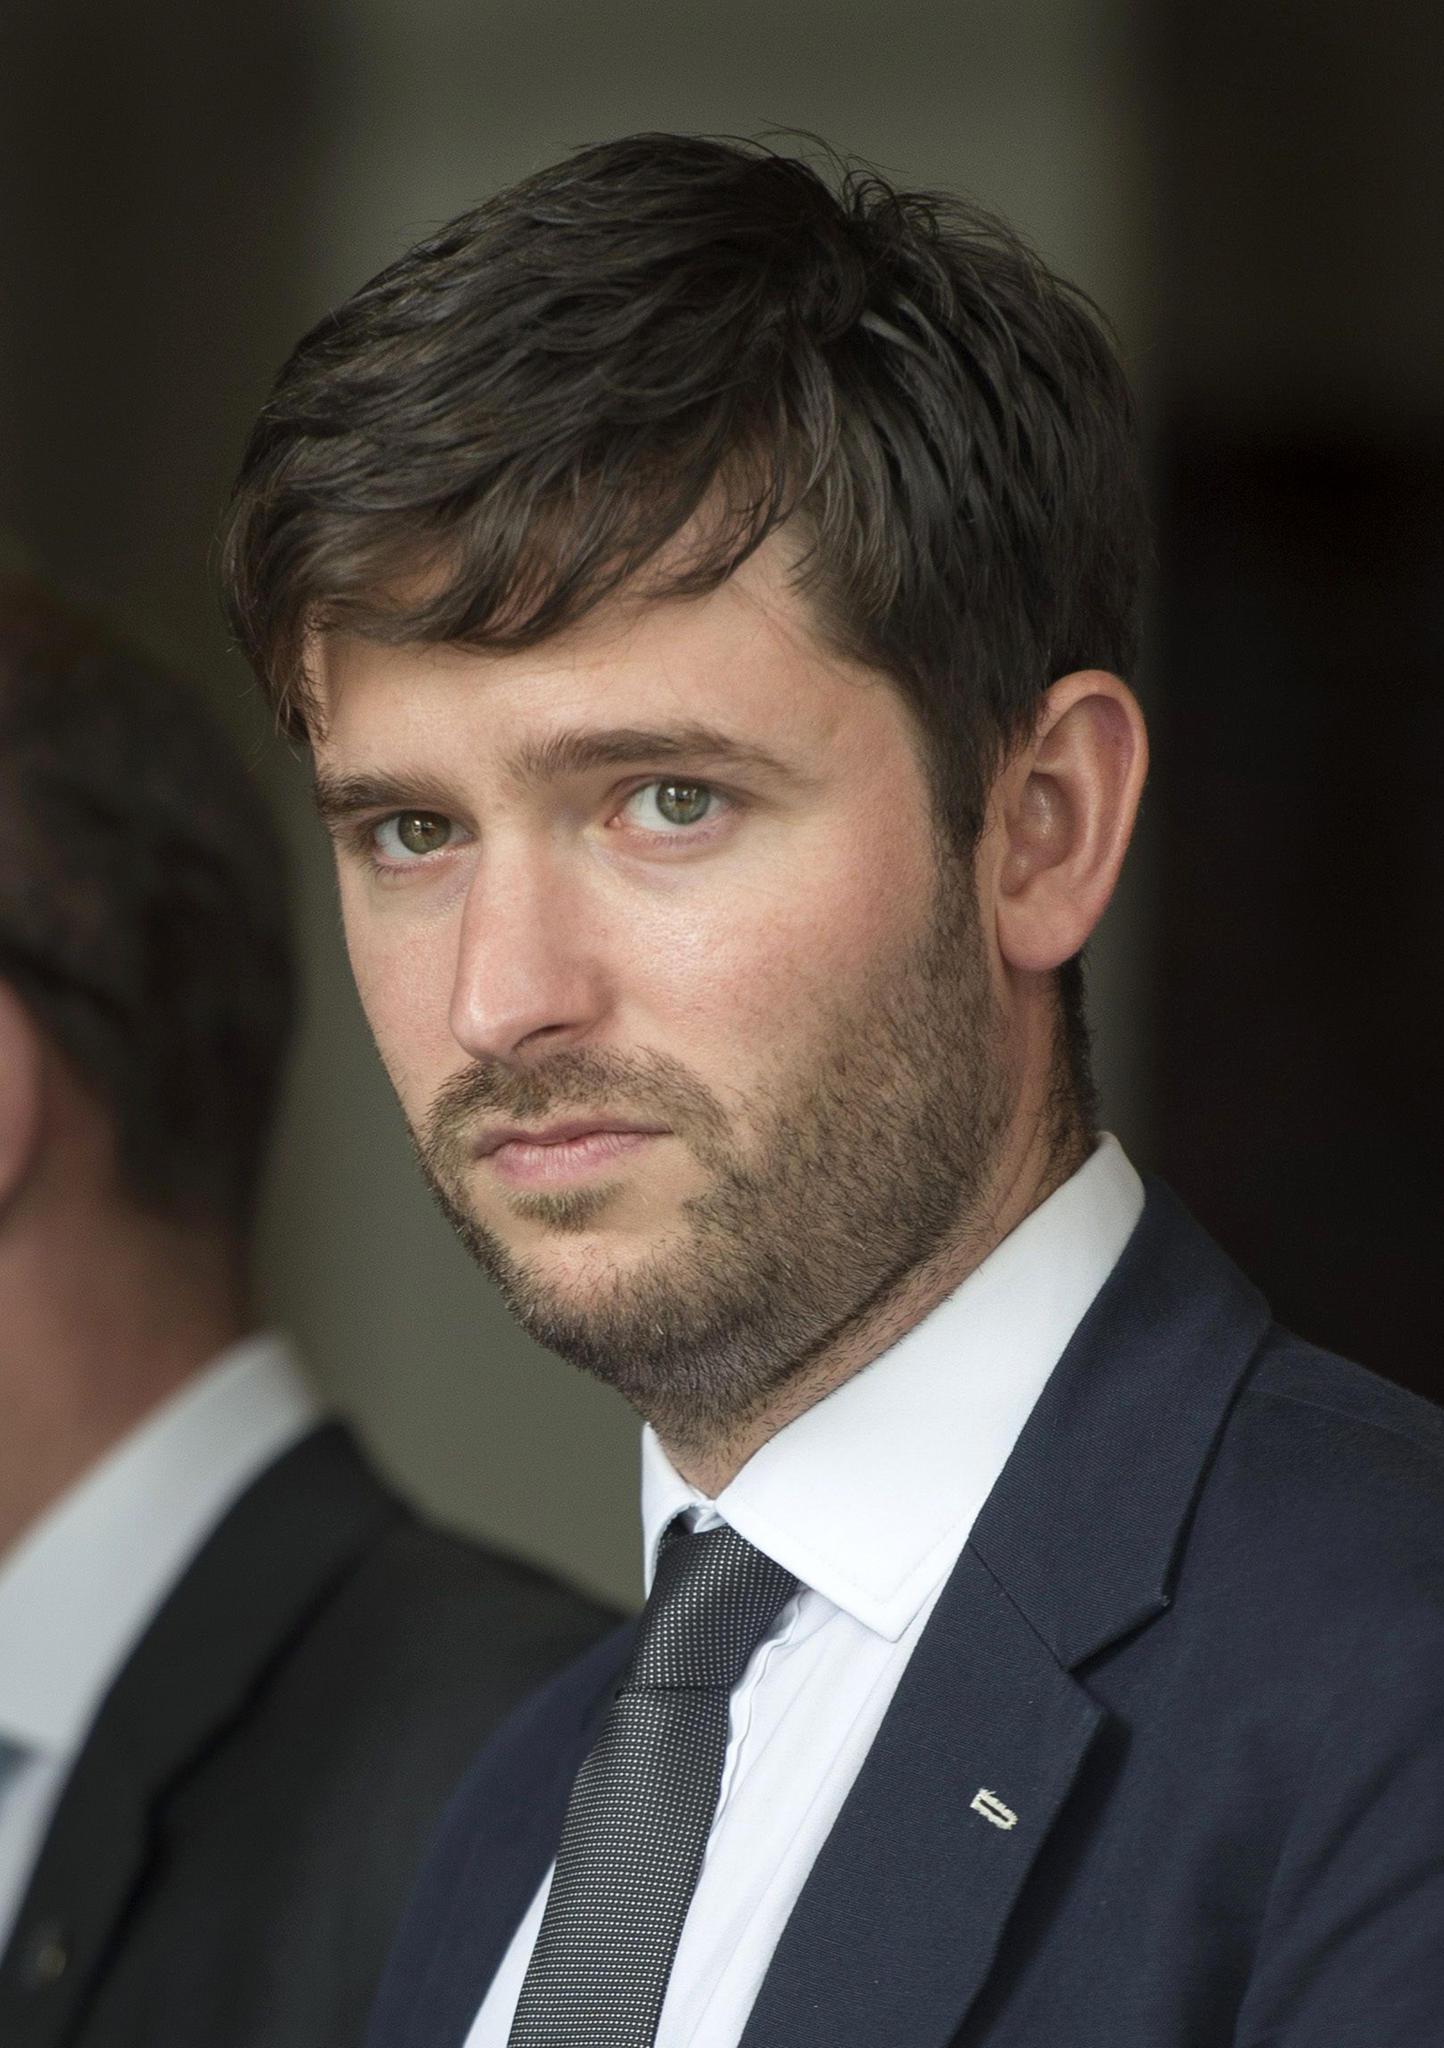 Jason Knauf, der Presse-Sekretär von William und Kate